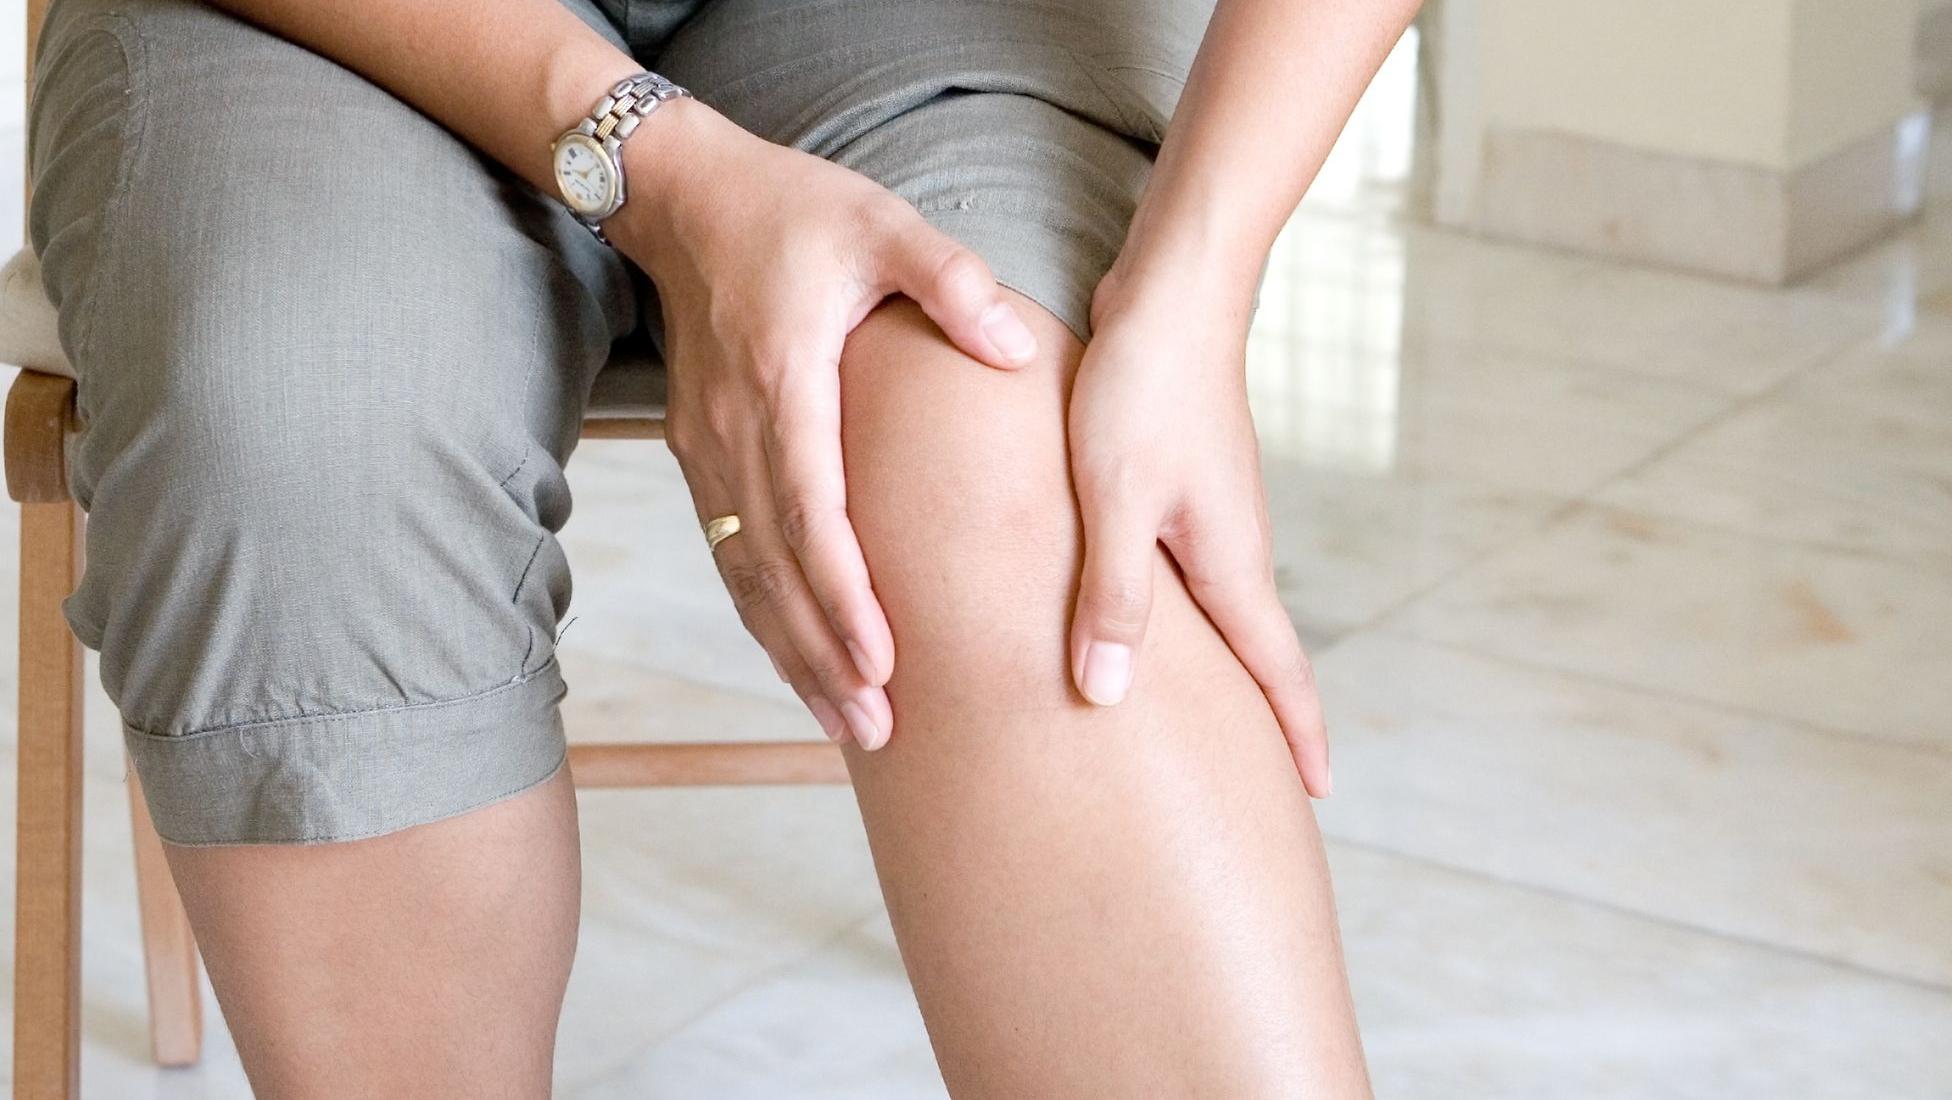 ce cauzează durere în coapsele interioare superioare